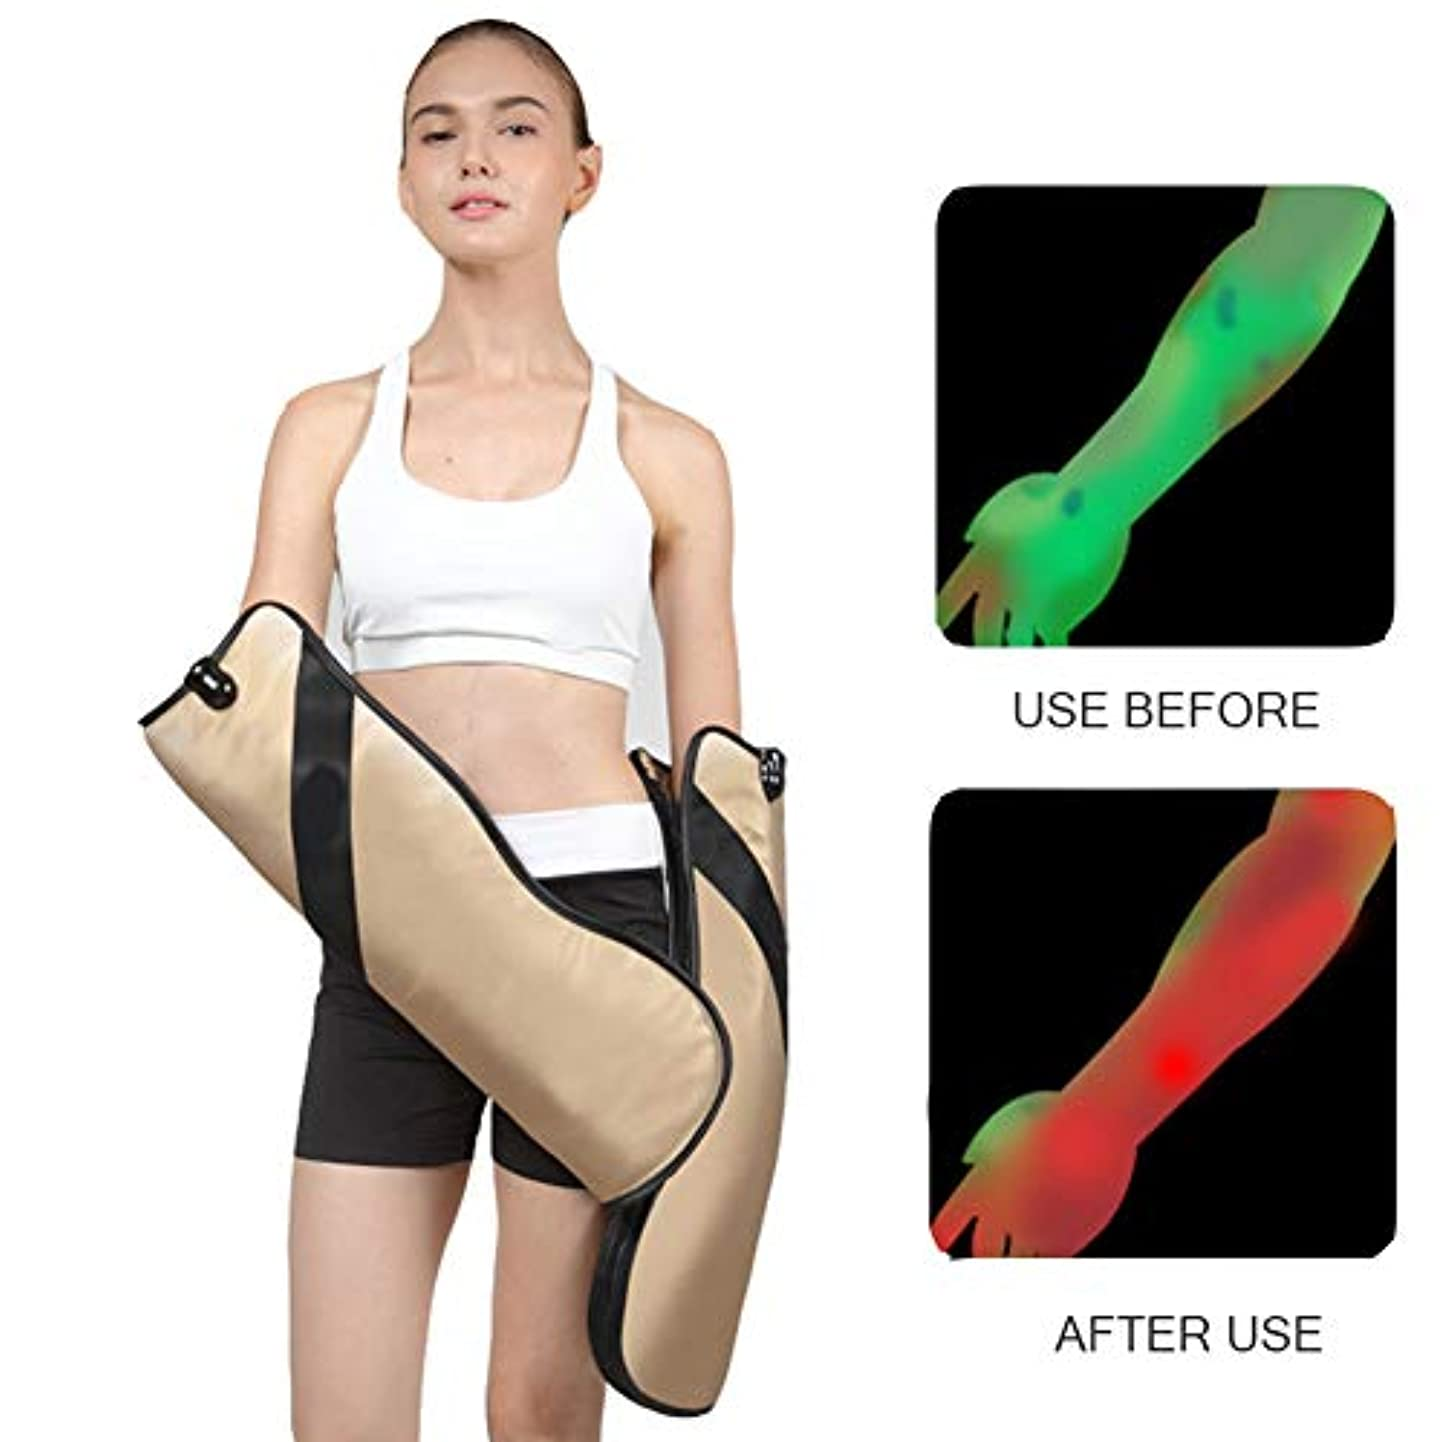 下品成分どこでもハンドマッサージャー振動加熱電気腰首肩マッサージャー電気子午線理学療法高齢者の腕手関節マッサージ指